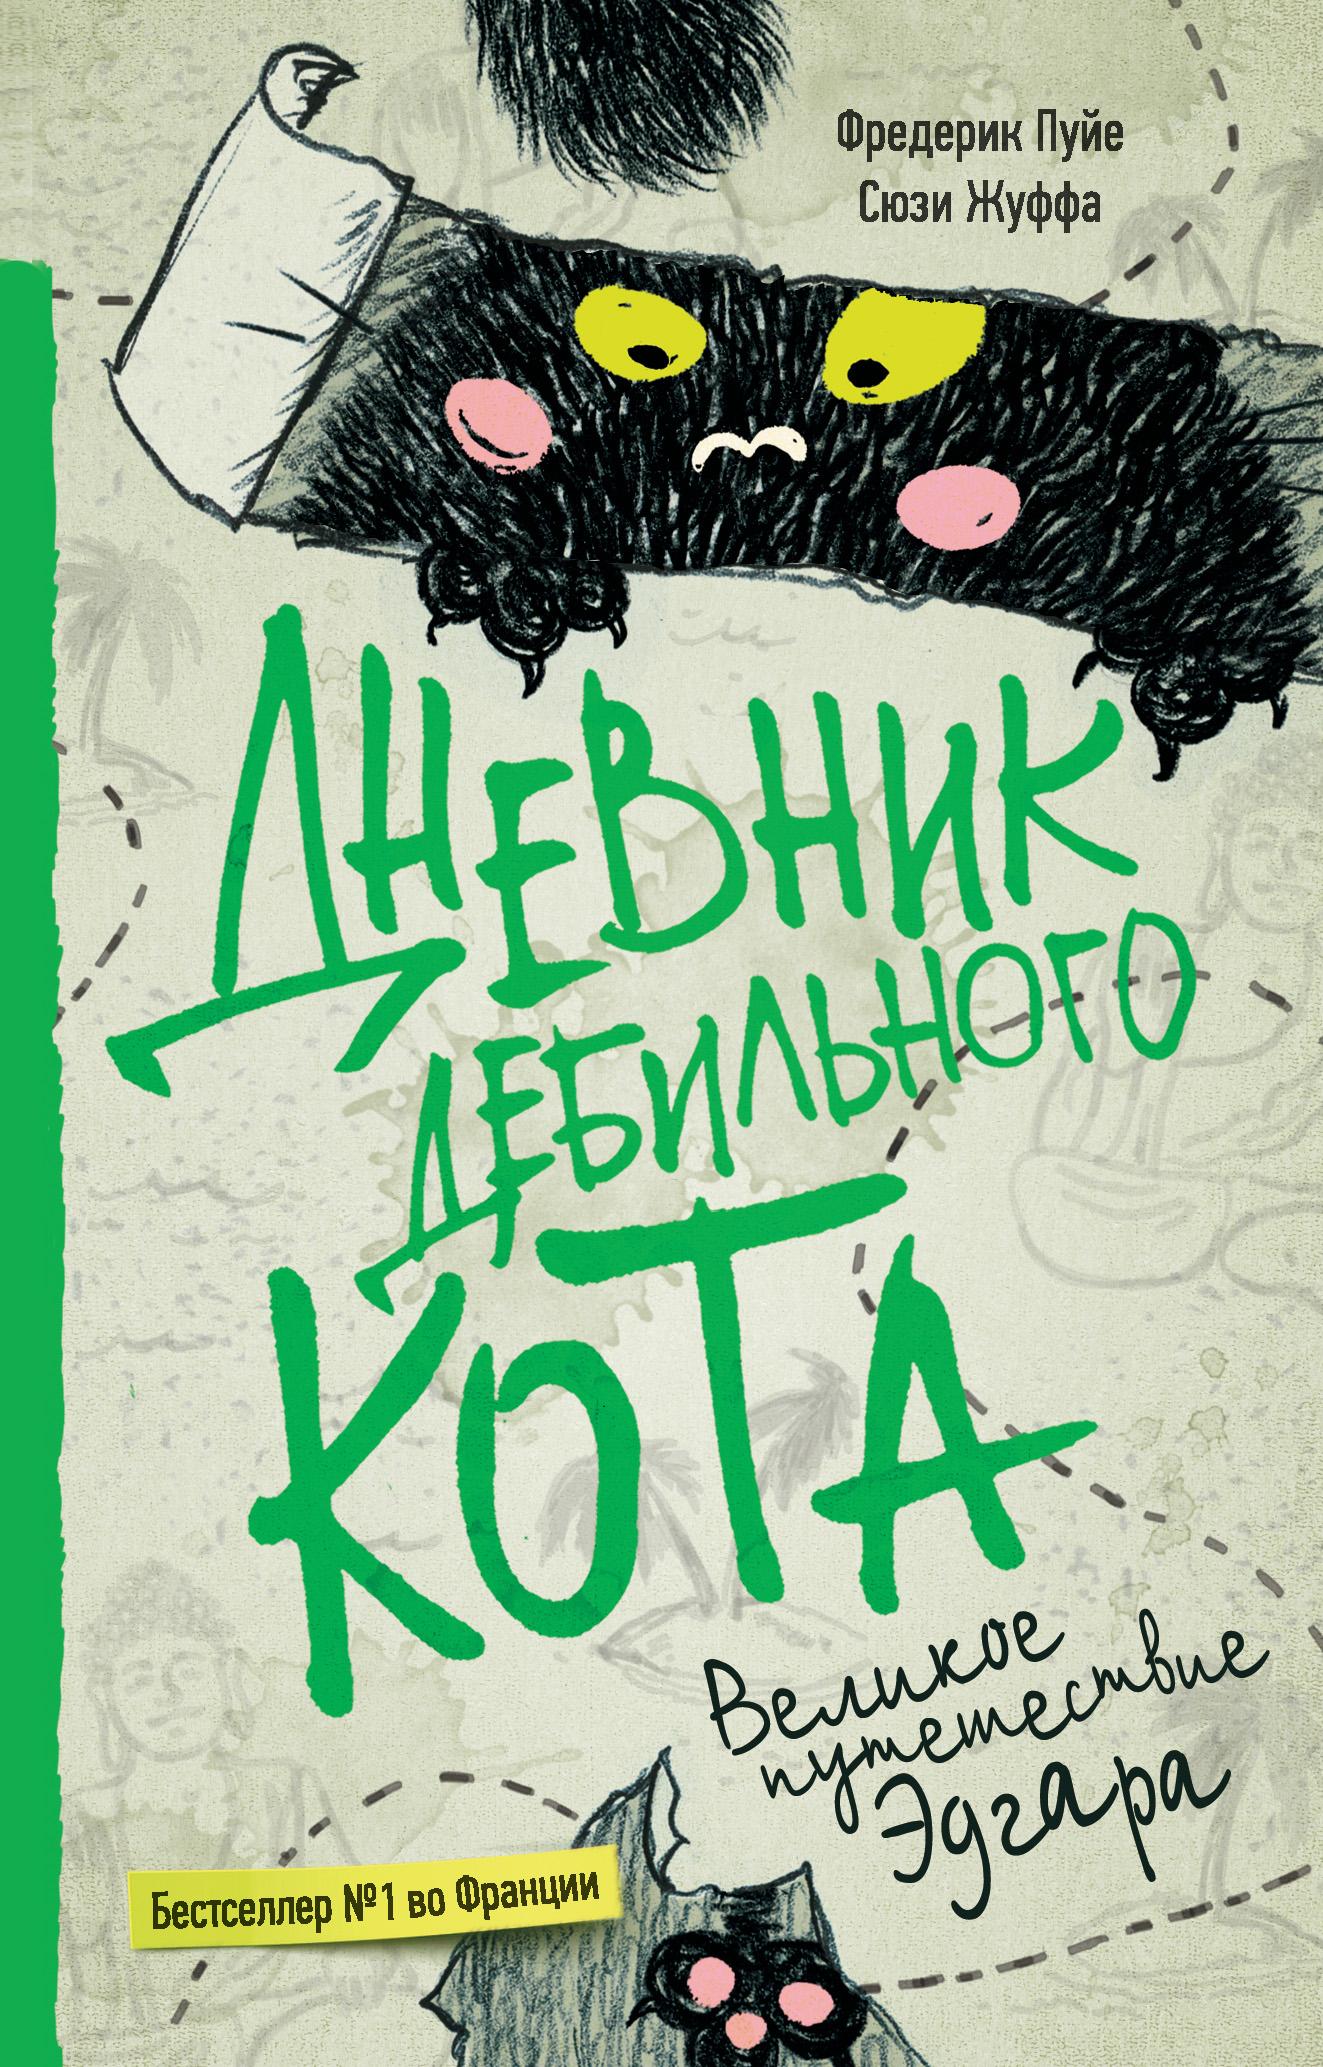 Дневник дебильного кота. Великое путешествие Эдгара